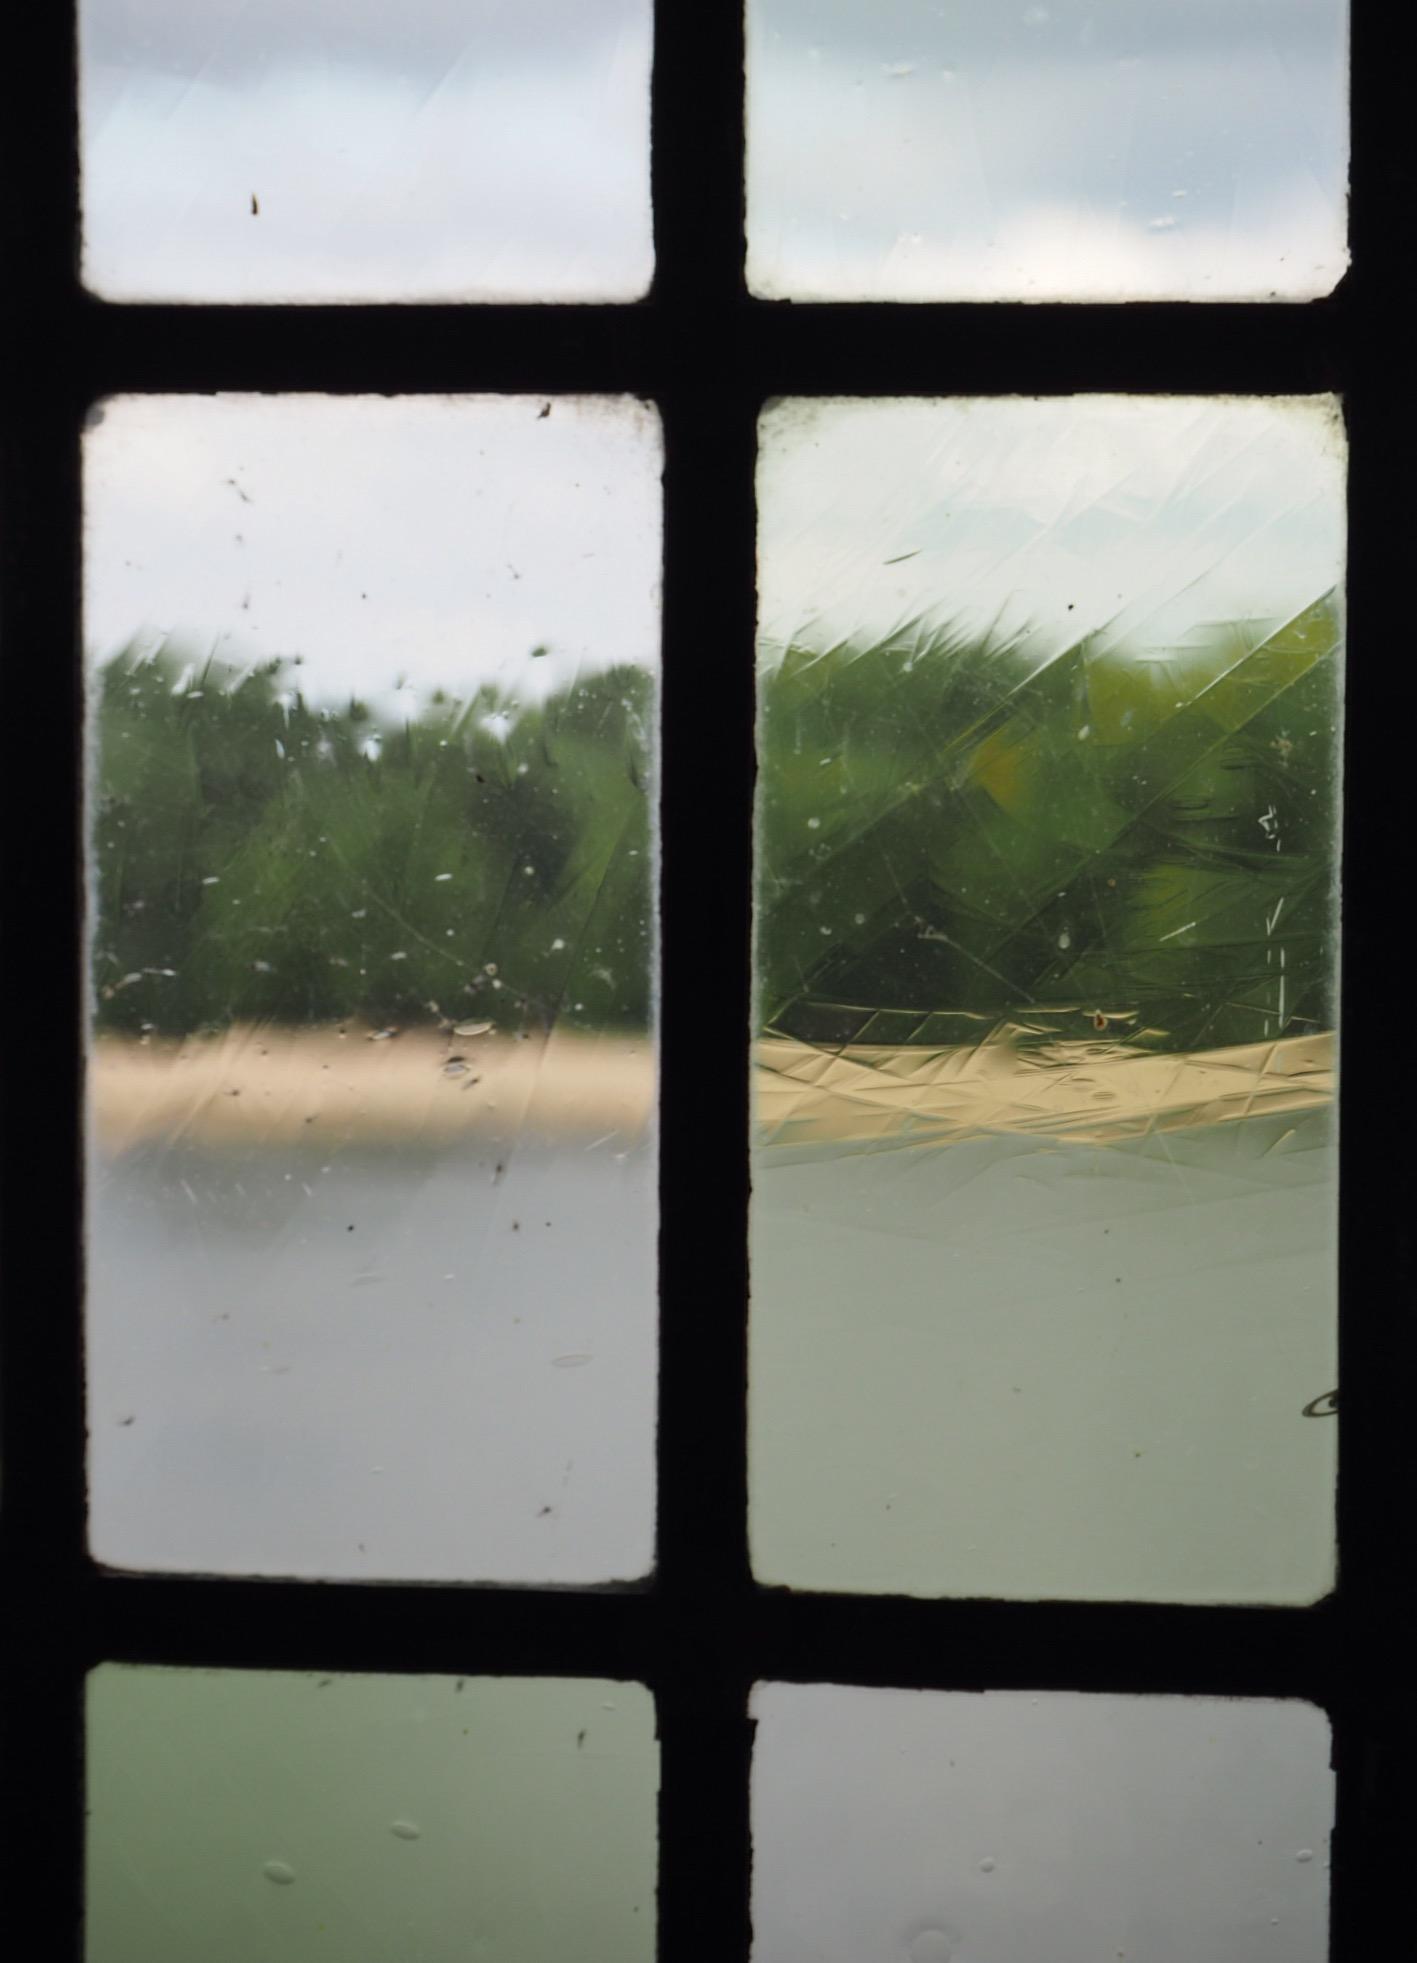 Photo, couleur, Loire, château, Montsoreau, Maine et Loire, fenêtre